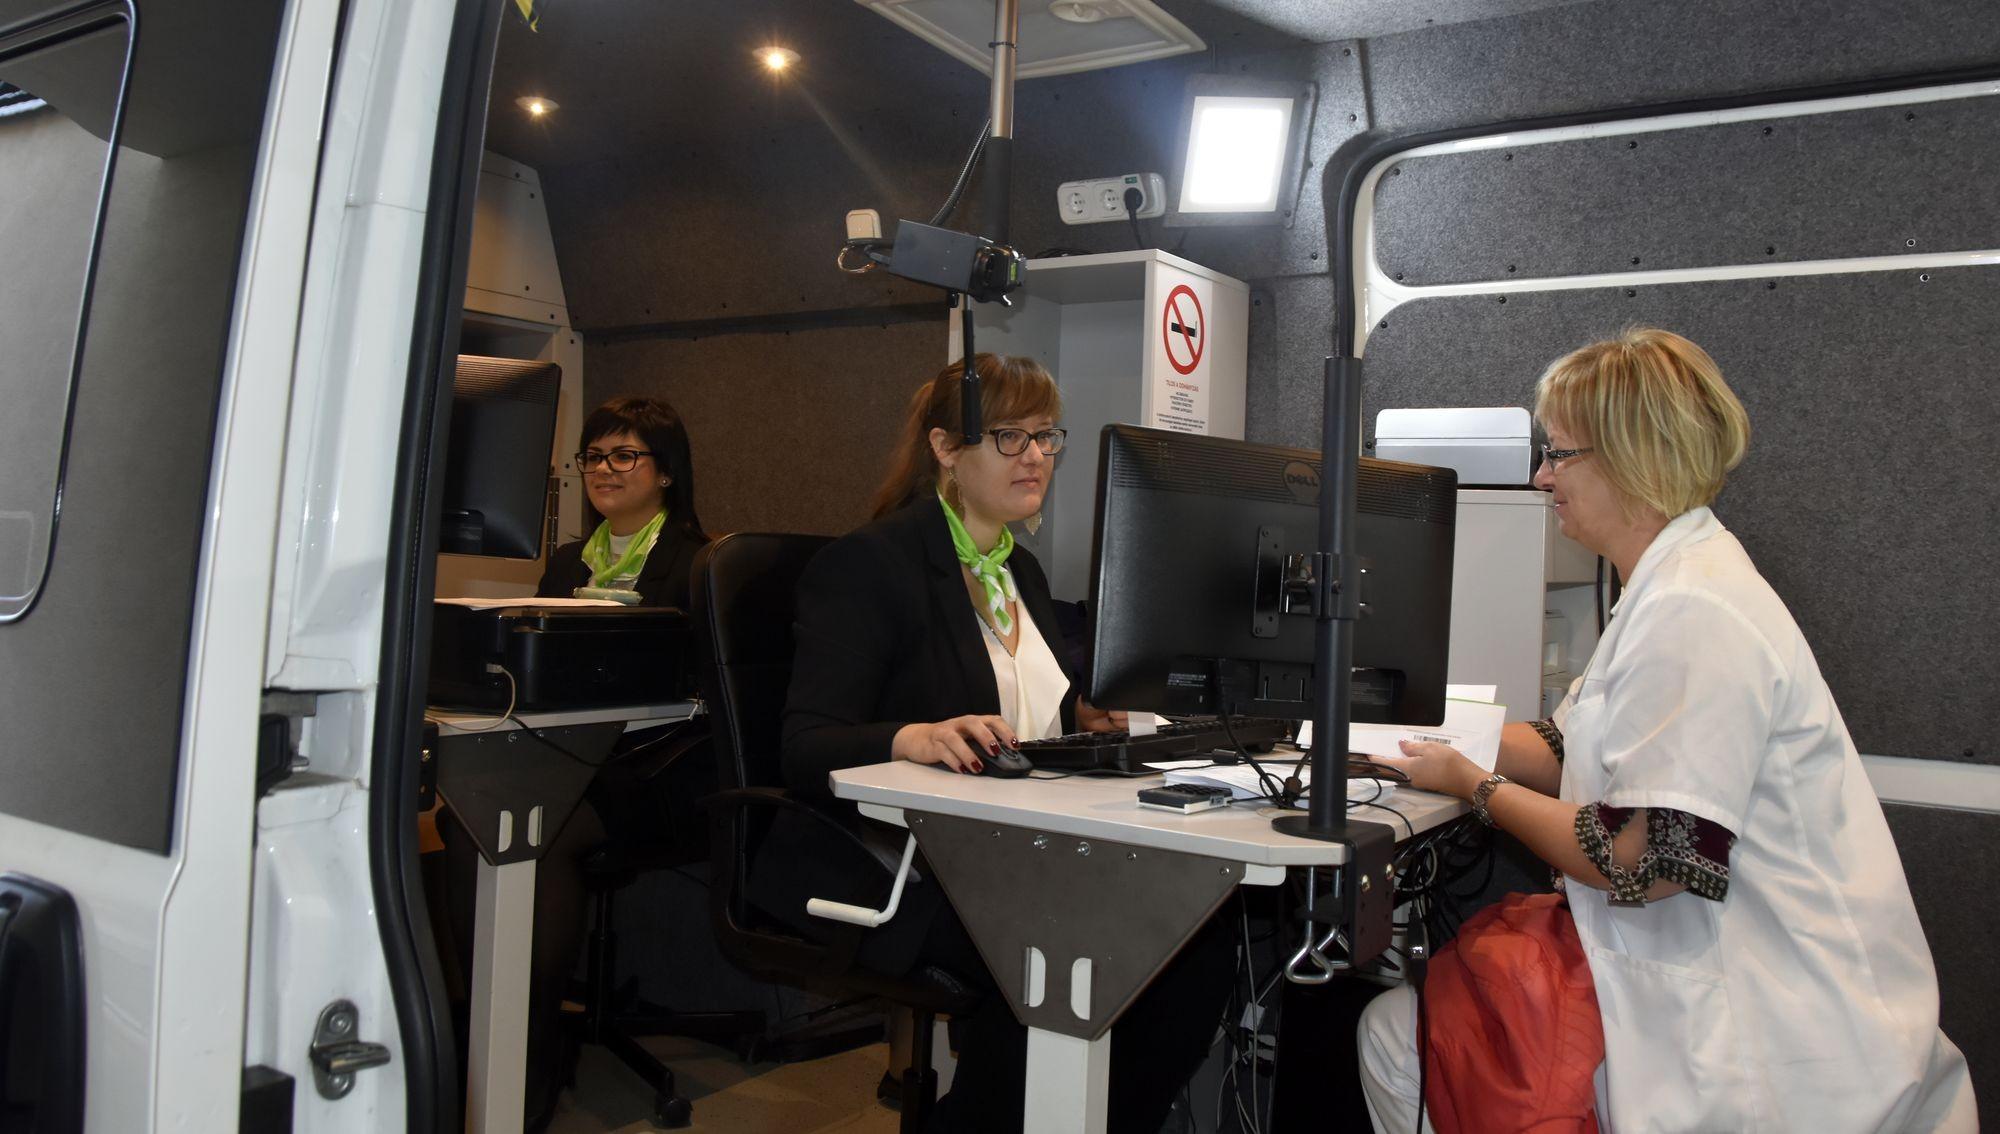 Kecskeméten segít a Kormányablak-busz e-személyit készíteni